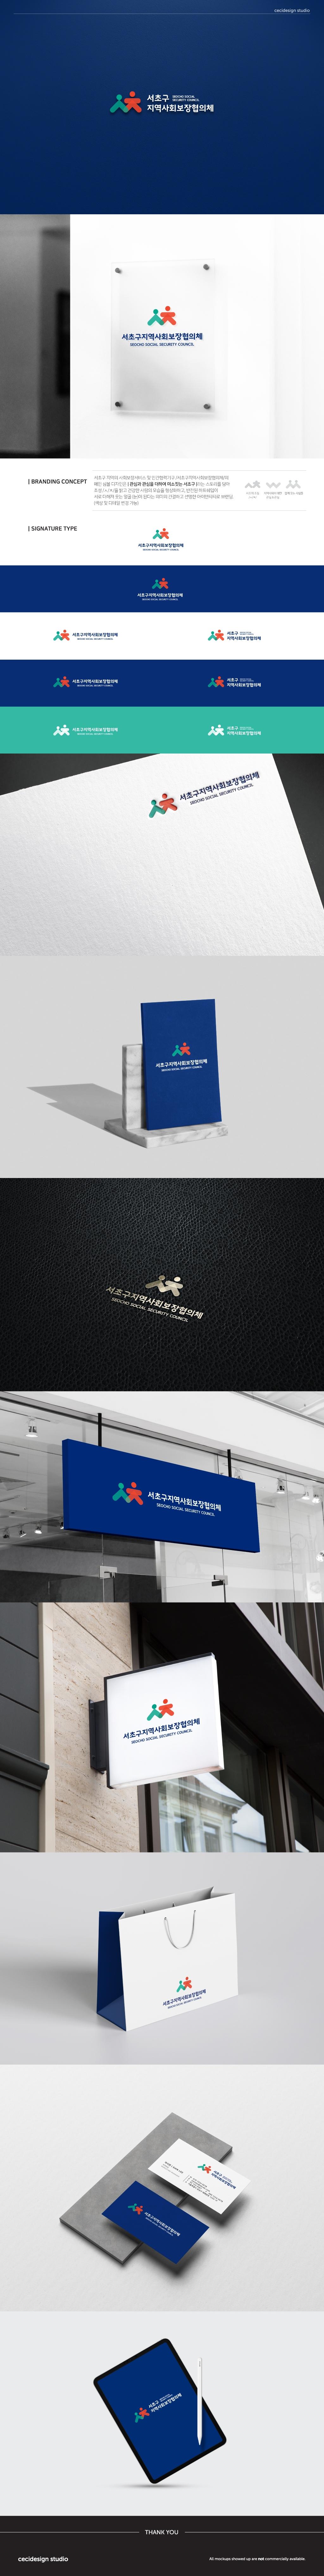 로고+명함 디자인 | 서초구지역사회보장협의체 로고 디자인 의뢰 | 라우드소싱 포트폴리오